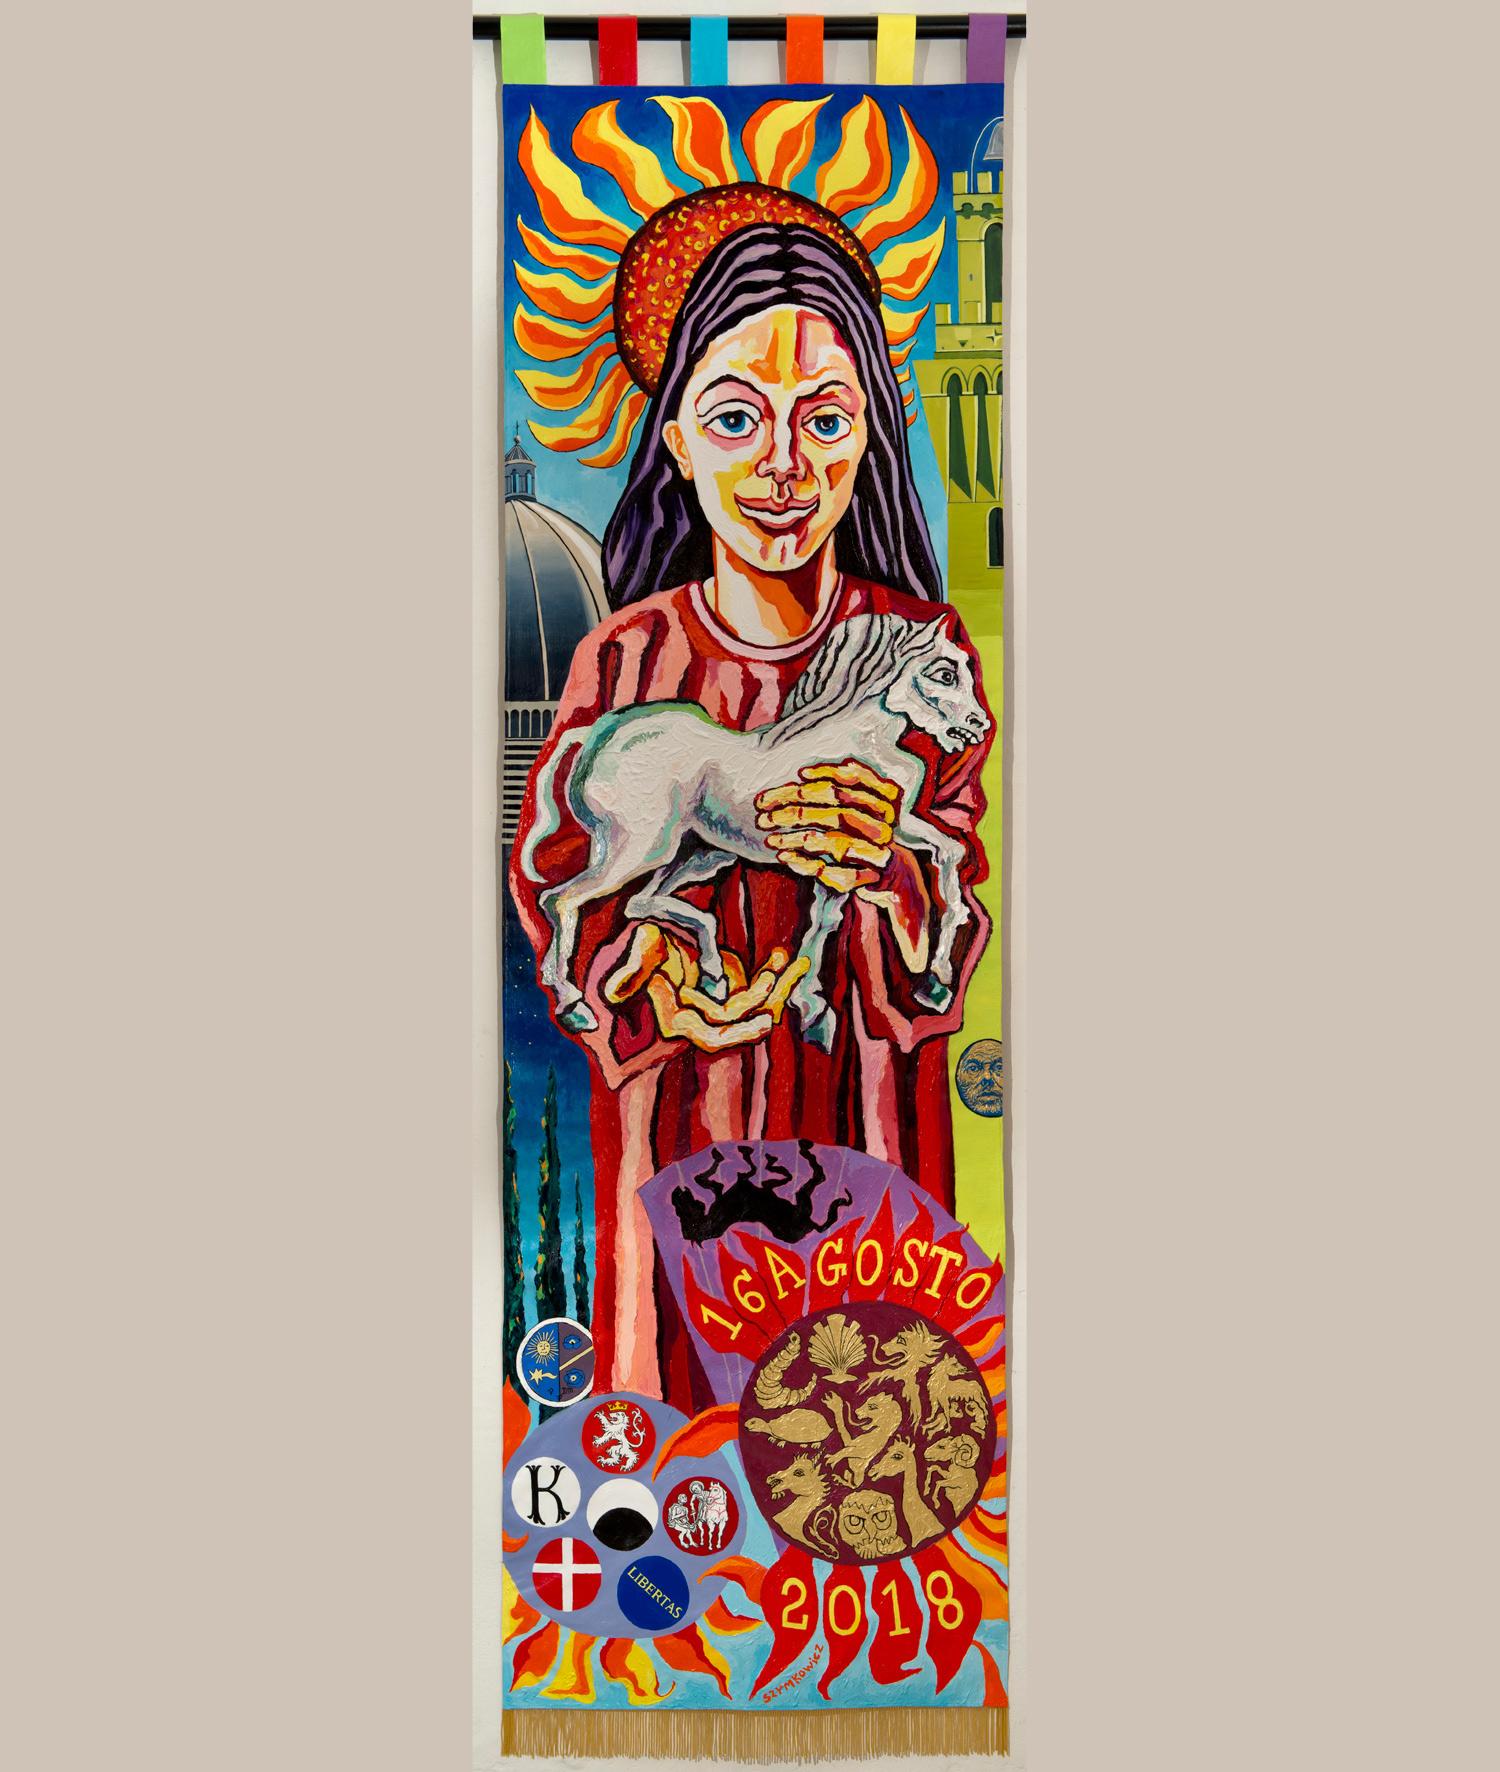 Siena, polemiche per il palio dipinto da Szymkowicz, ritenuto brutto e irrispettoso. L'arcivescovo si rifiuta di benedirlo